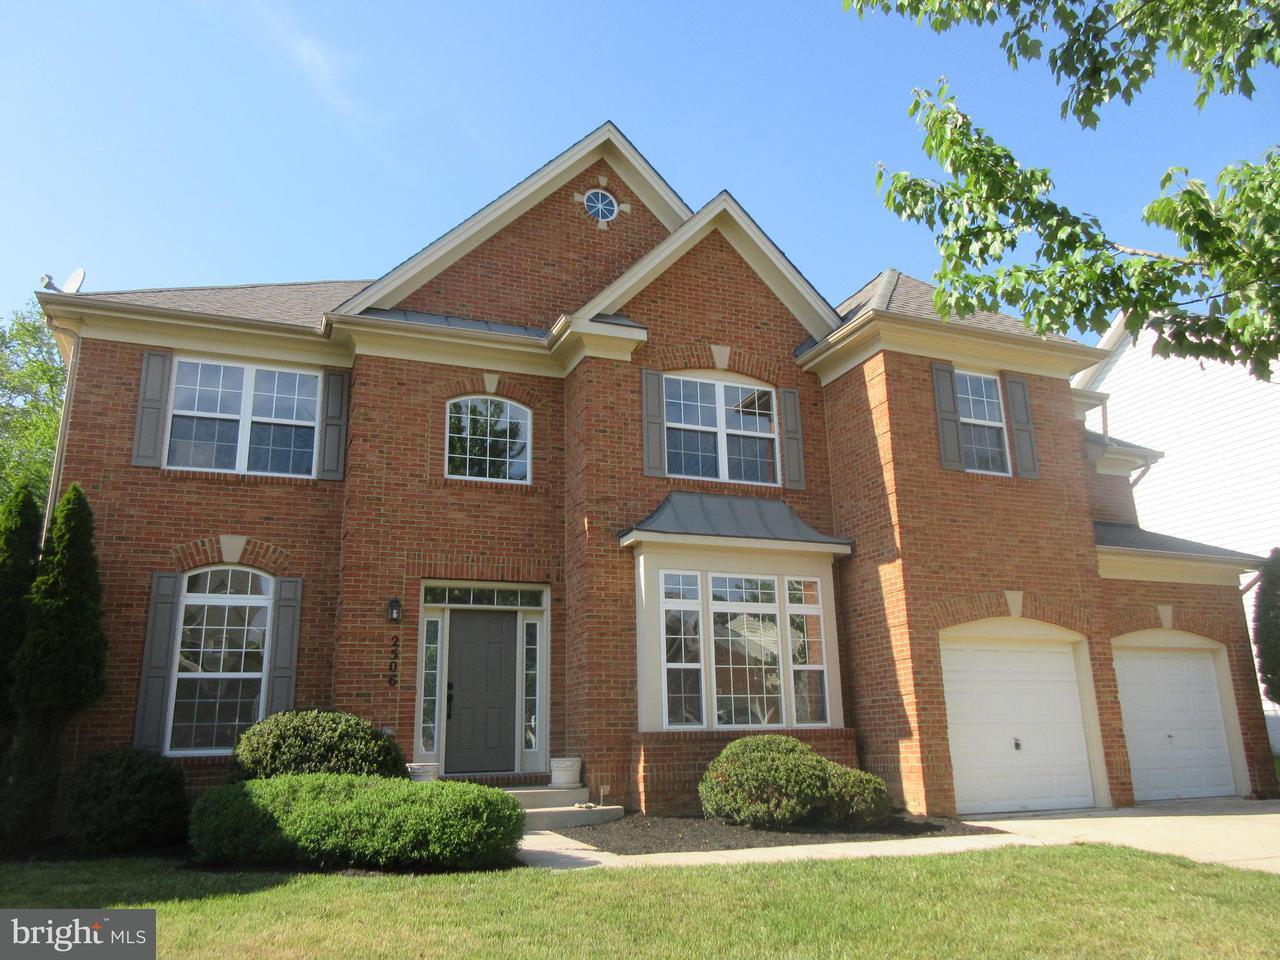 Частный односемейный дом для того Продажа на 2506 Brandy Lane 2506 Brandy Lane Accokeek, Мэриленд 20607 Соединенные Штаты